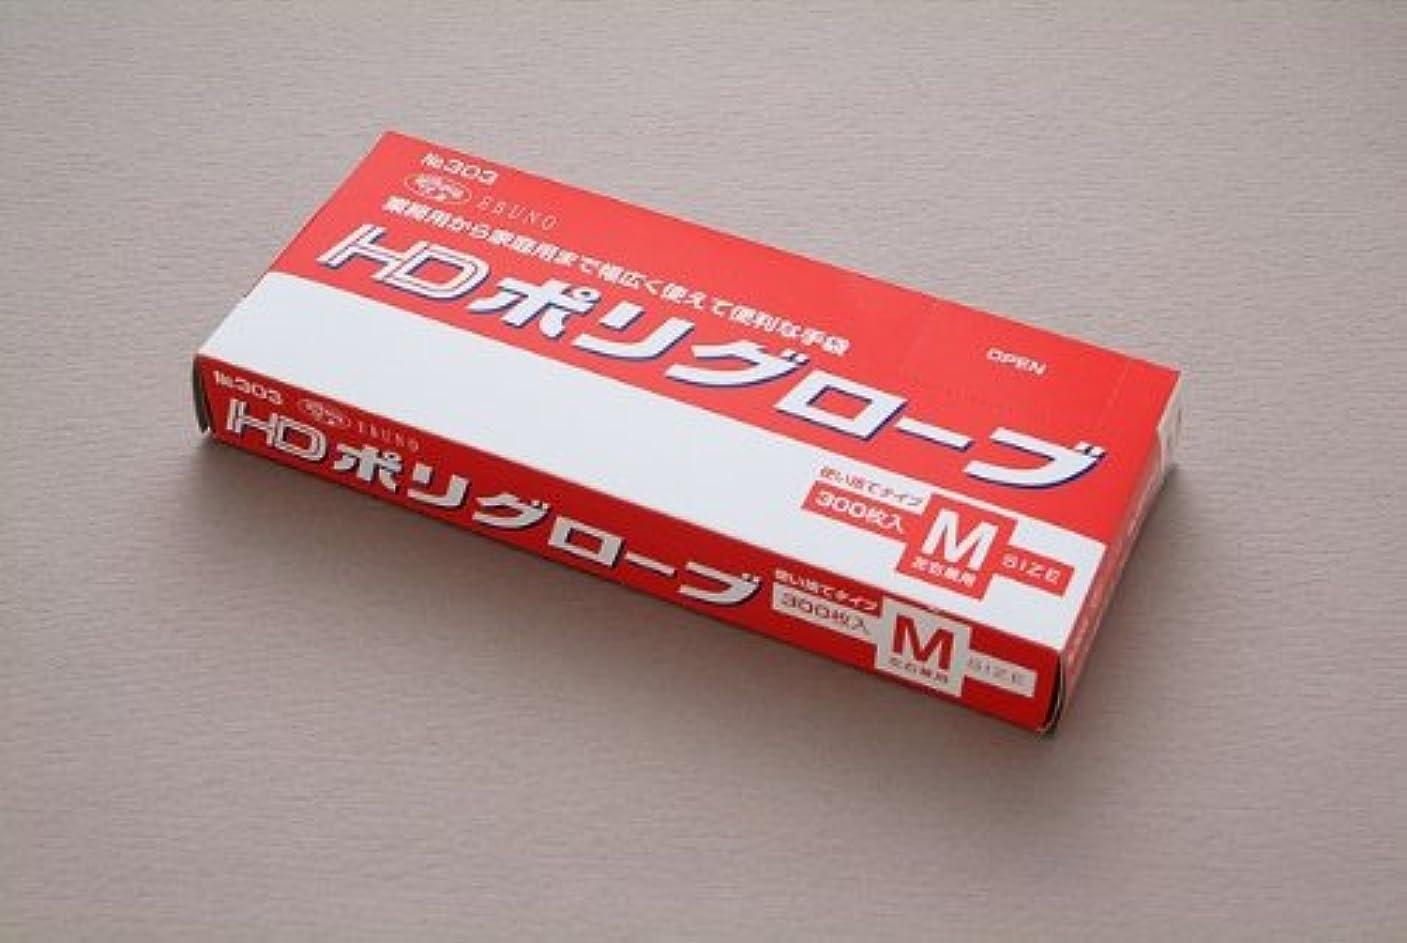 変位誇りに思う驚いたことに【ポリ手袋】HDポリグローブ(半透明) Mサイズ No.303 (1箱300枚入)